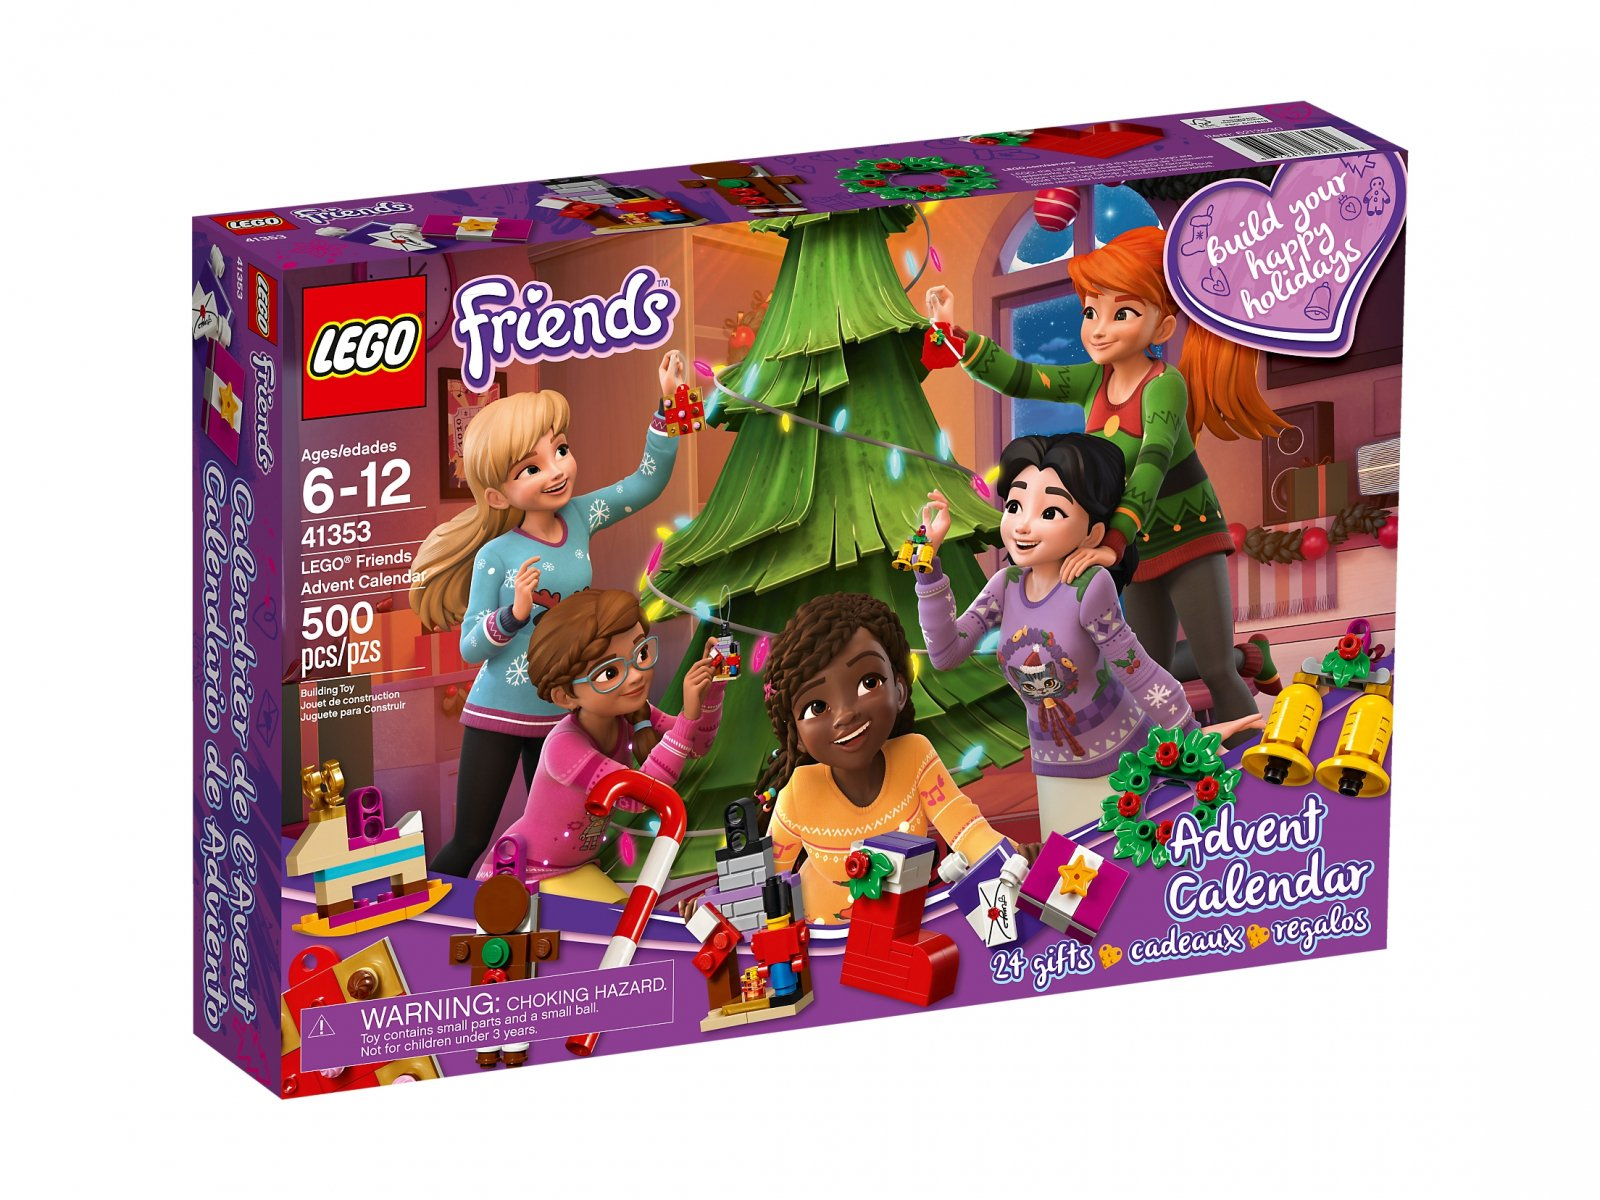 LEGO Friends Kalendarz adwentowy LEGO® Friends